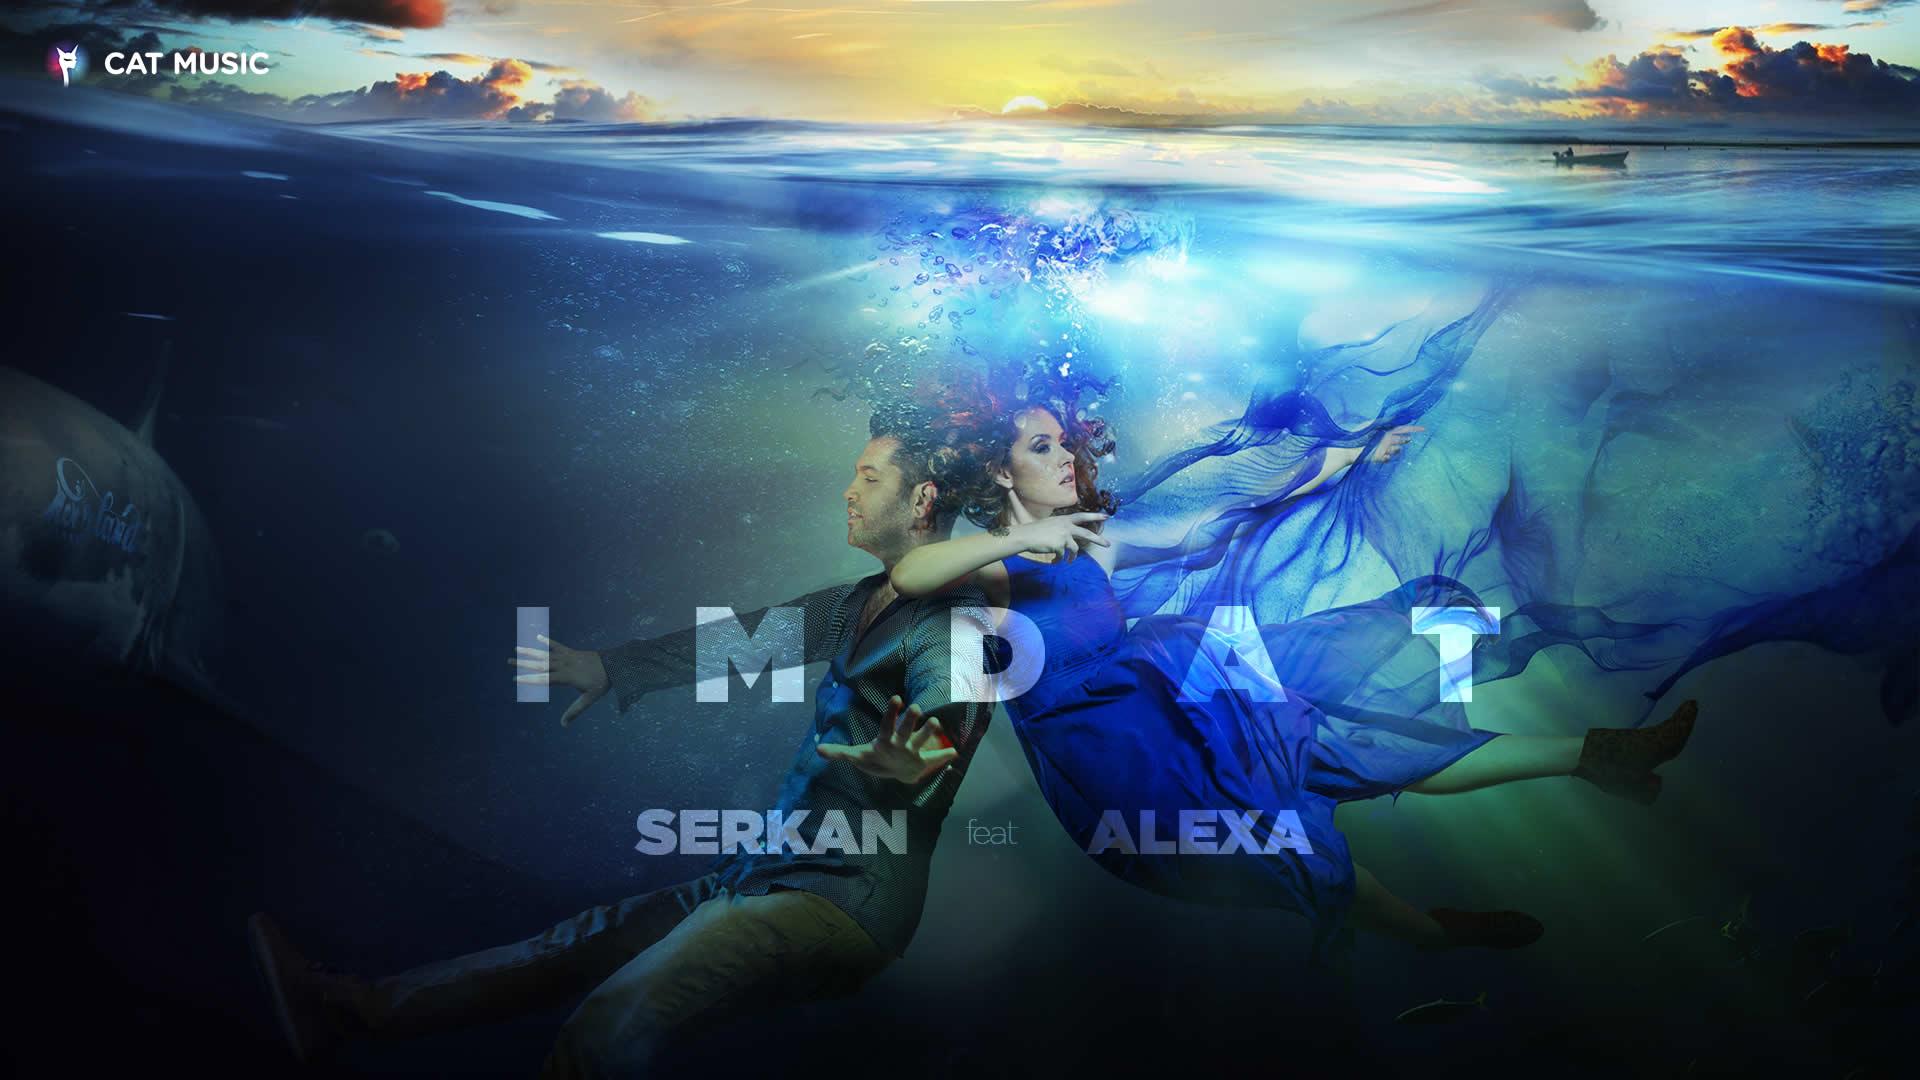 Serkan feat. Alexa - IMDAT